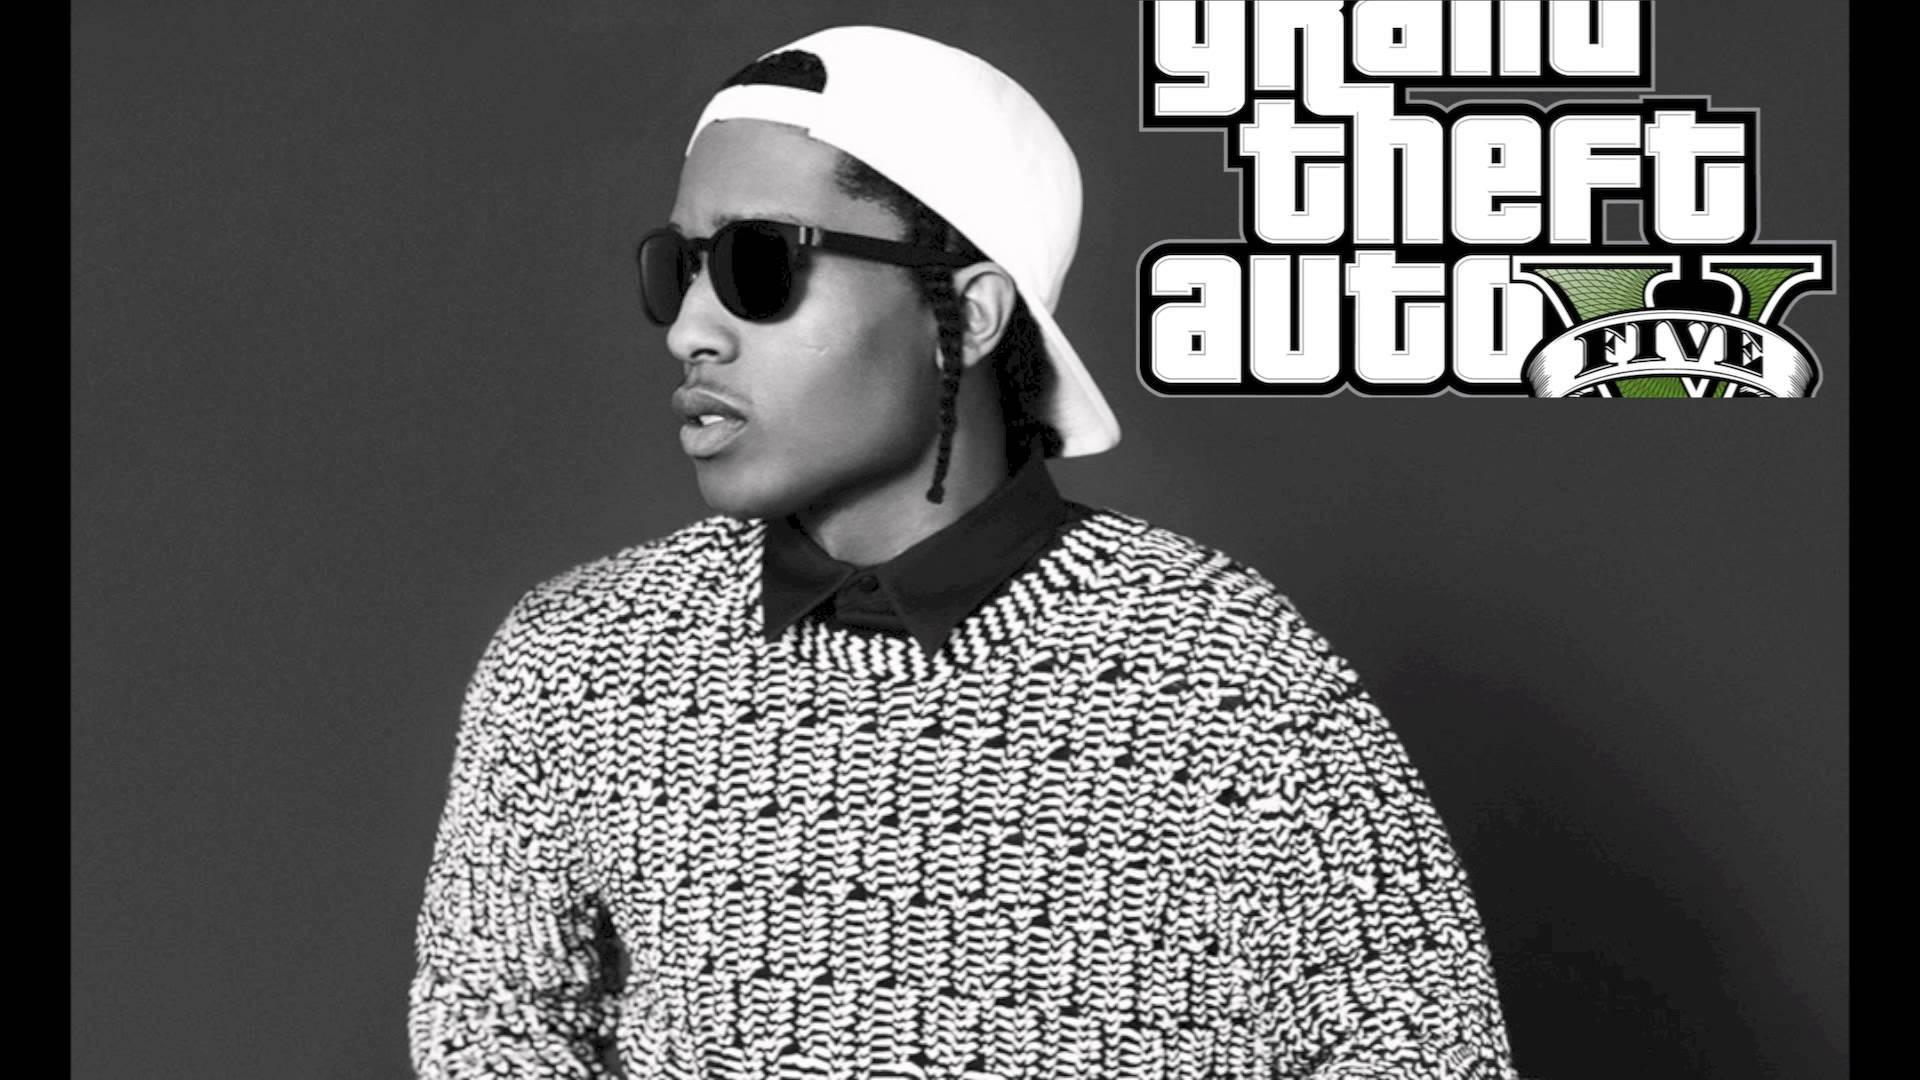 ASAP Rocky GTA 5 Wallpaper Rap Wallpapers 1920x1080